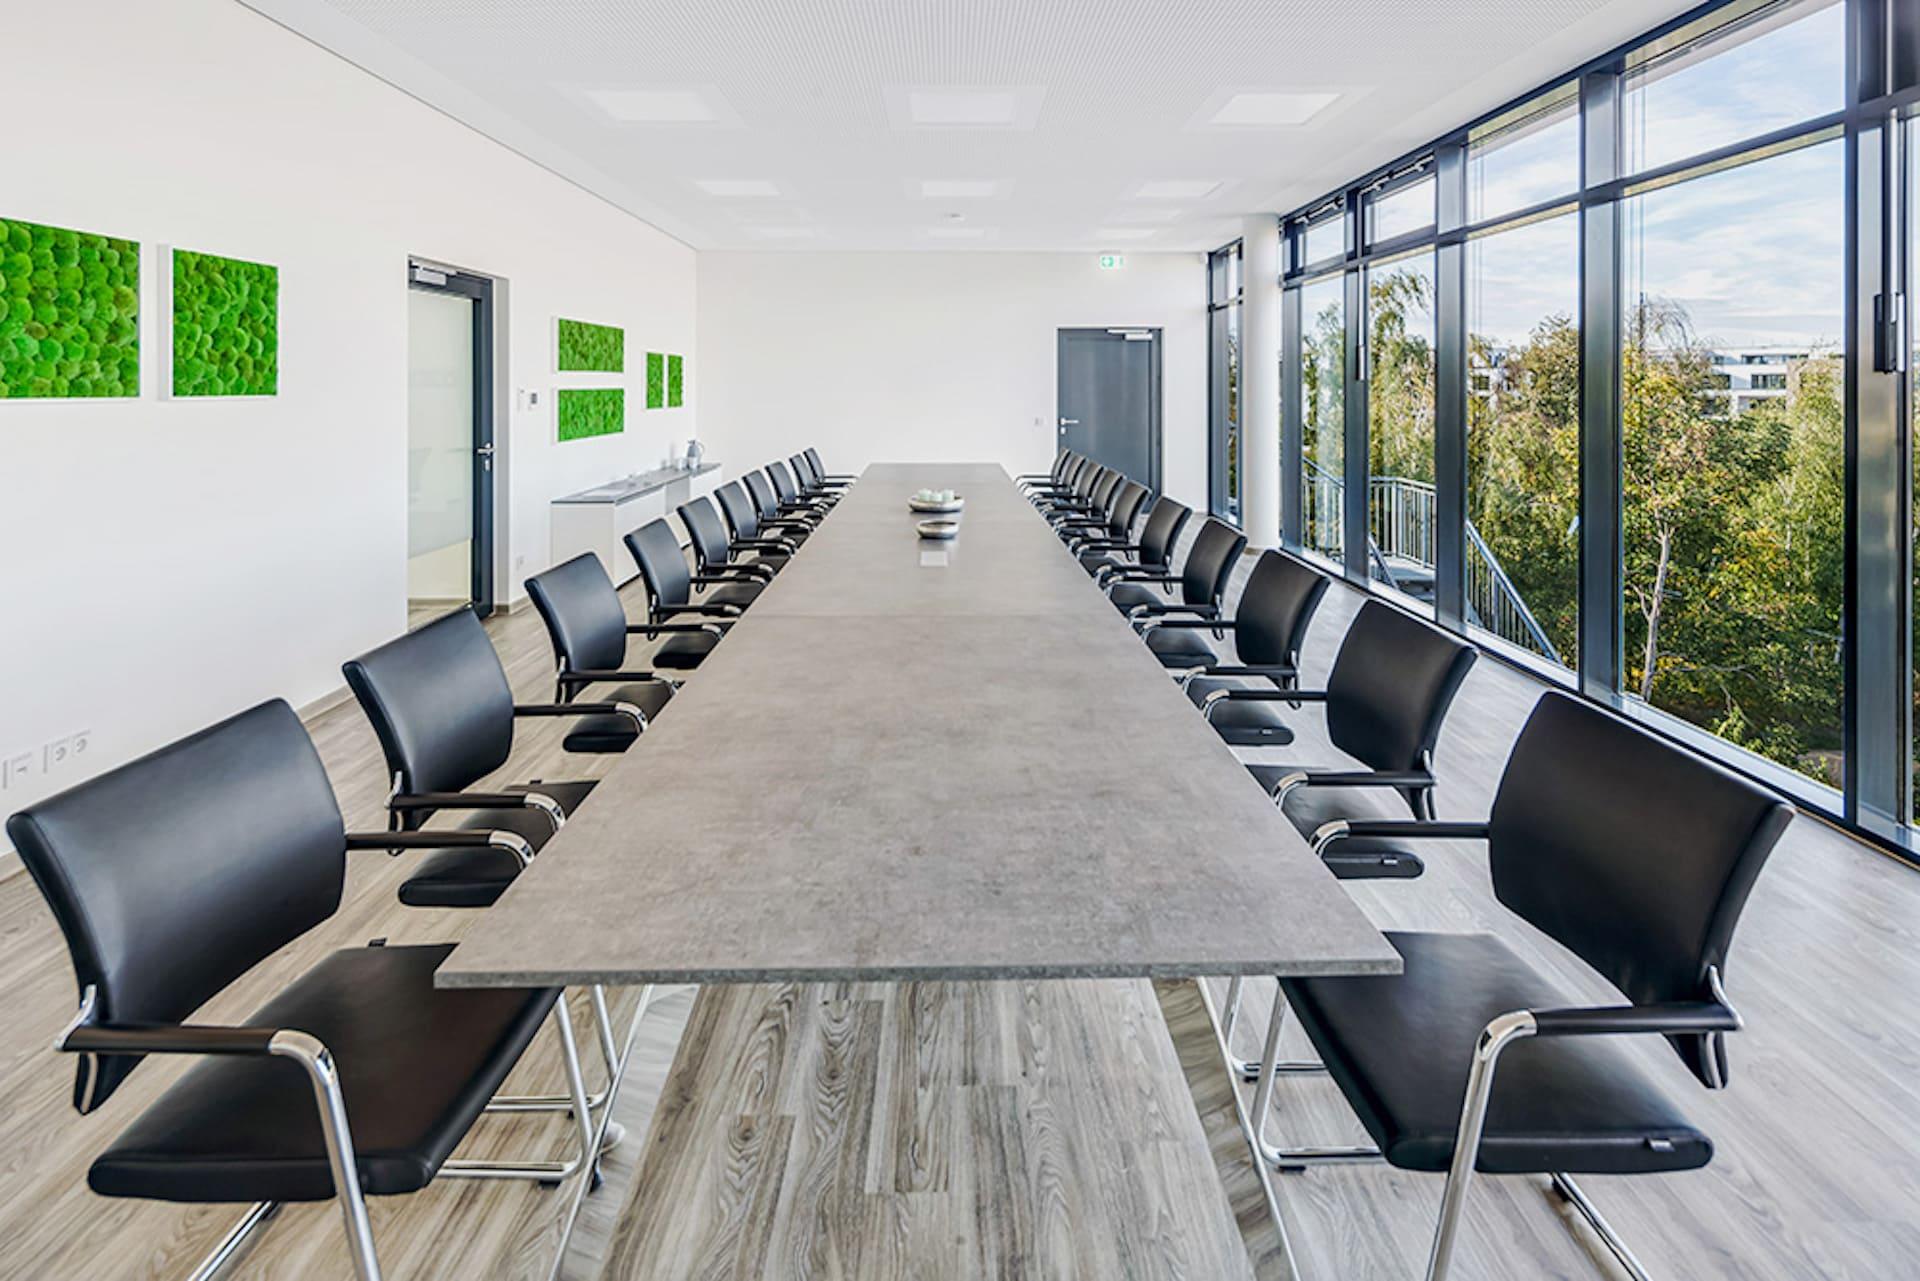 Einrichtung Konferenzraum Sitzarbeitstische